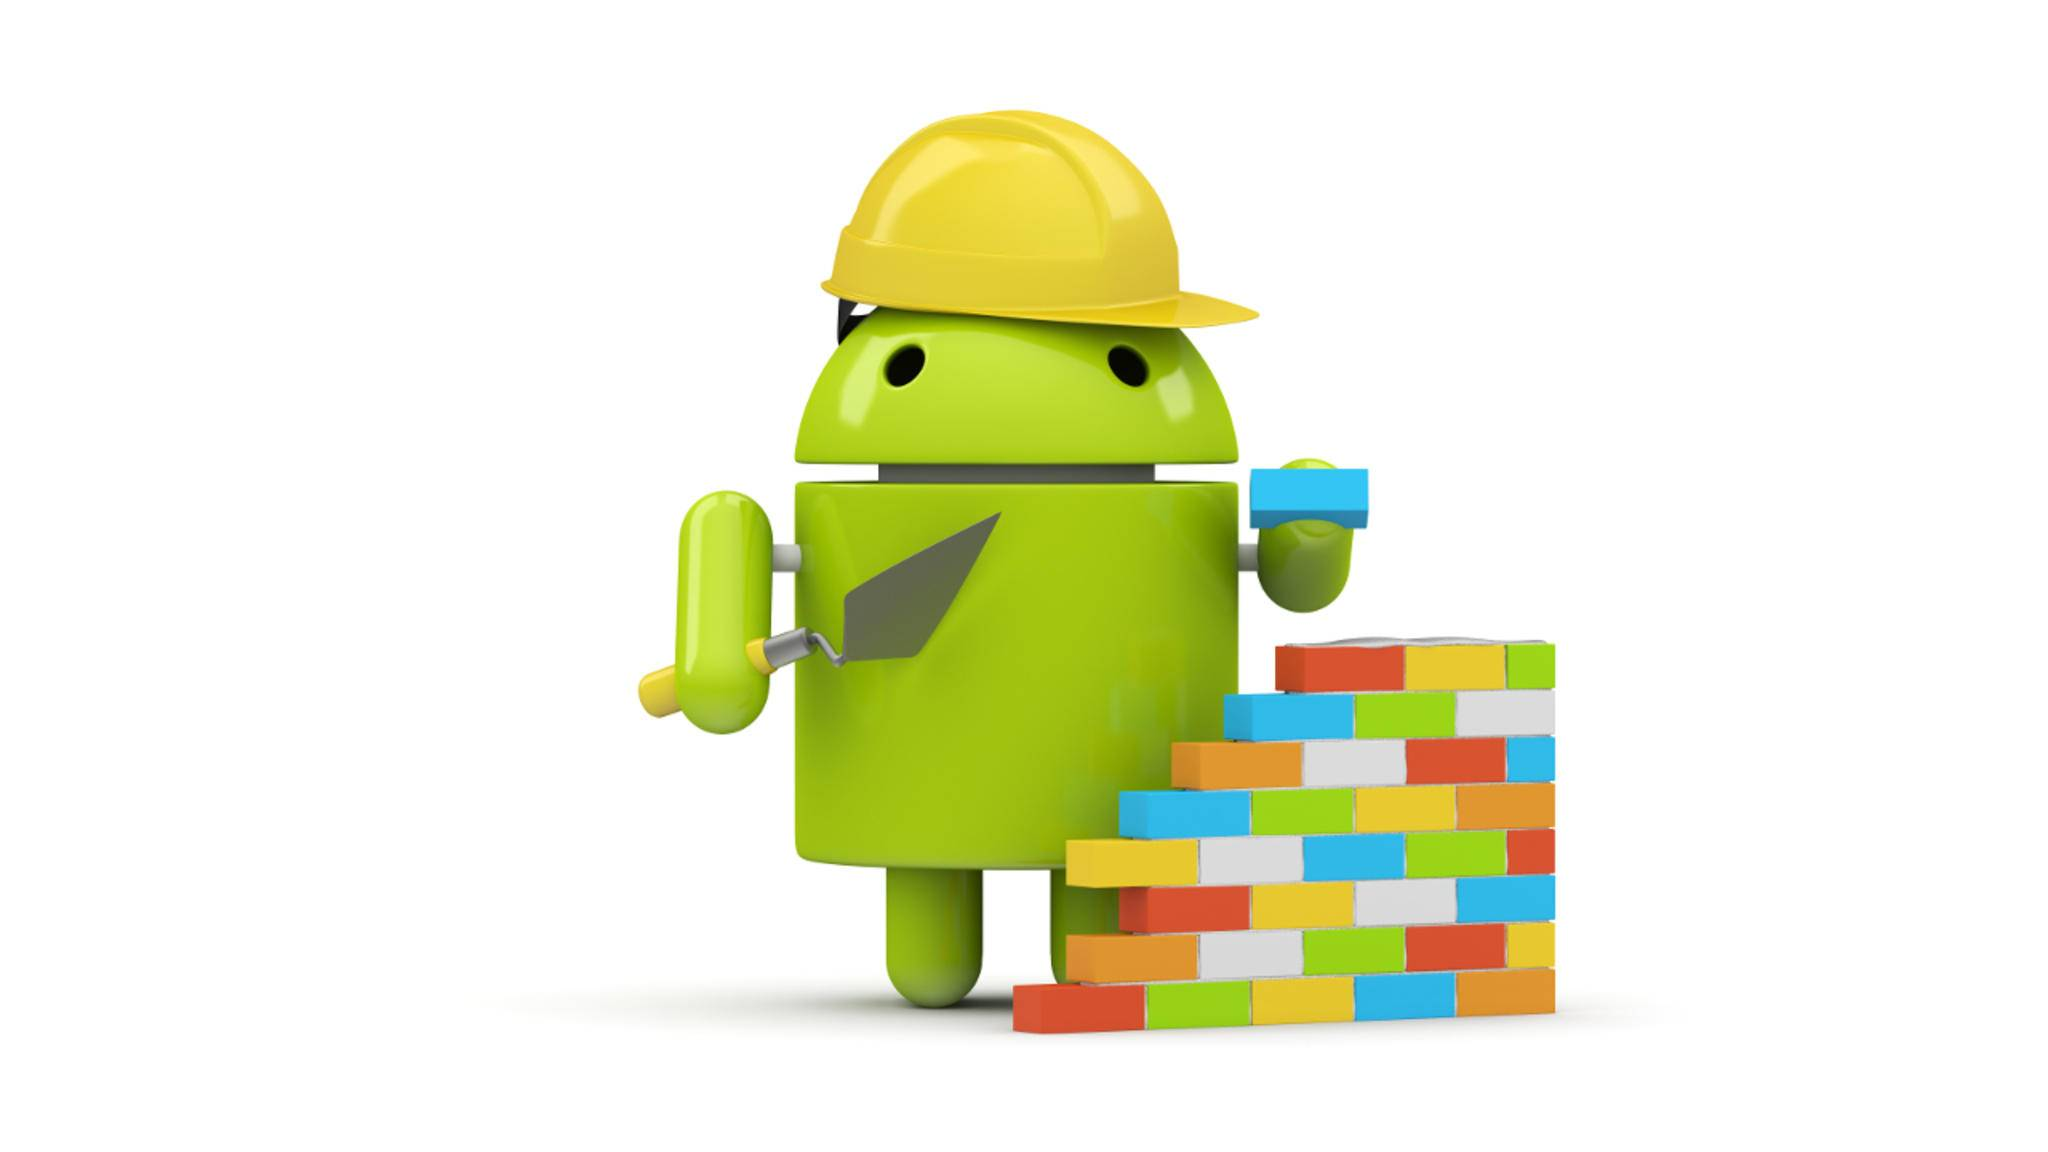 Die Sicherheit von Android bleibt eine Baustelle.